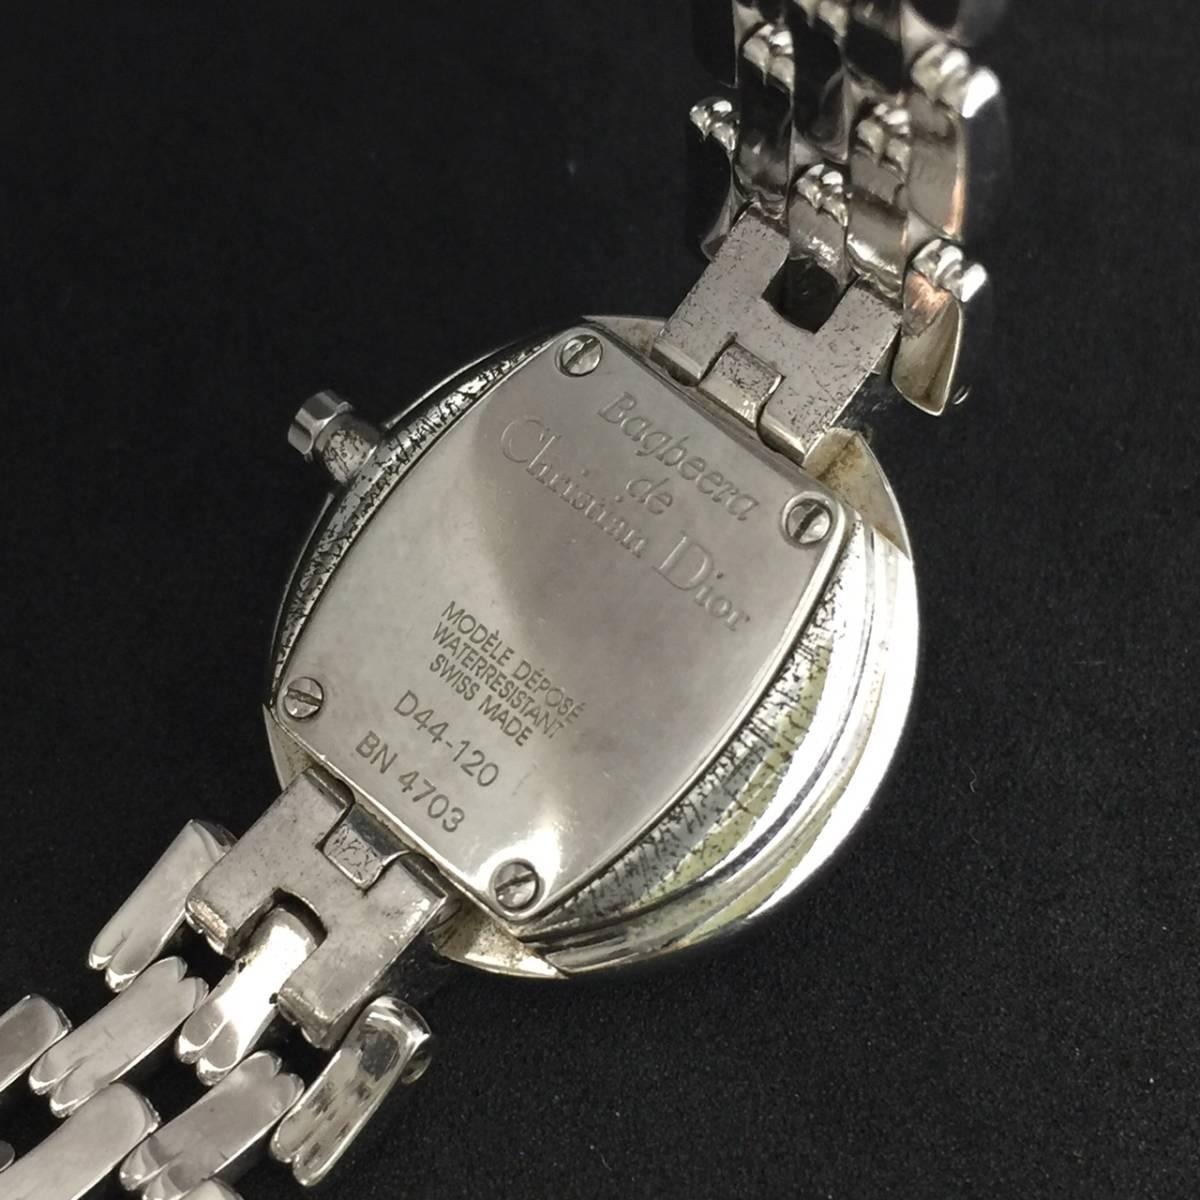 【1円~】Christian Dior クリスチャン ディオール 腕時計 レディース D44-120 Bagheera バギラ 可動品_画像5